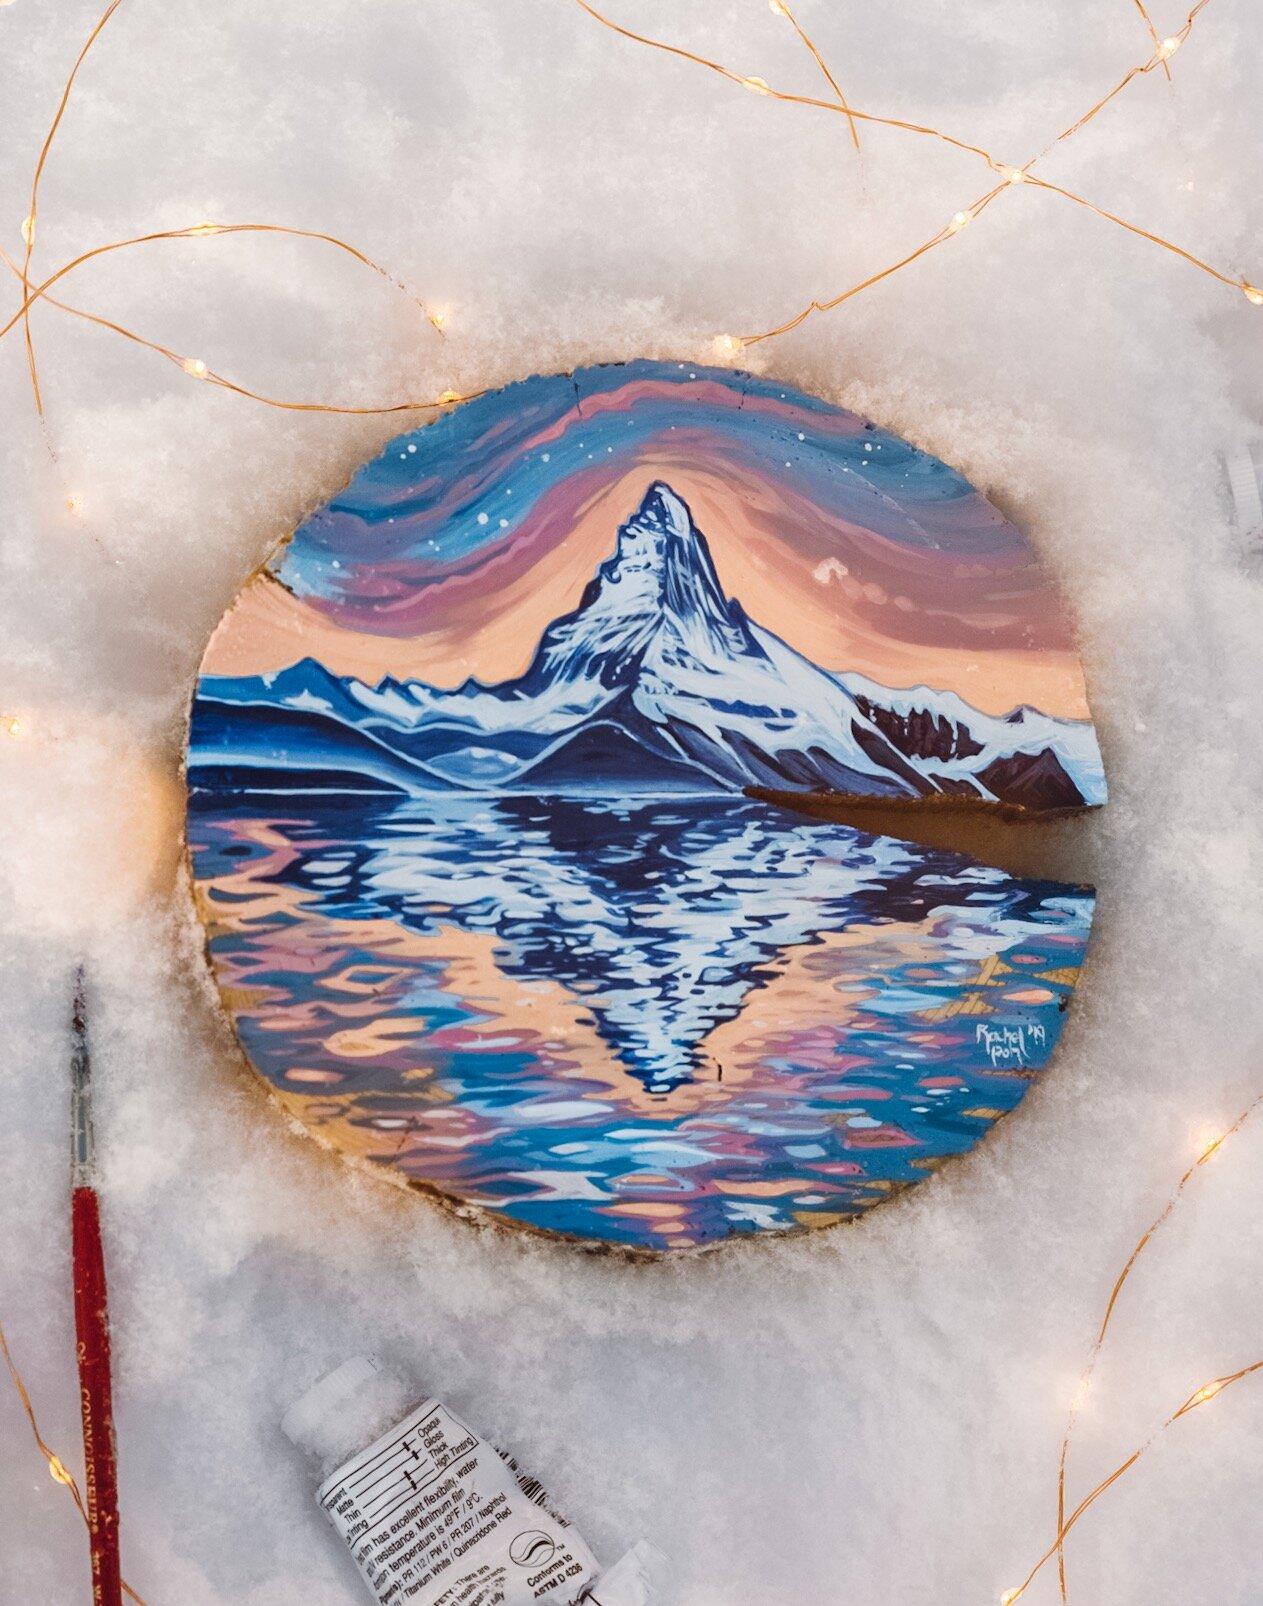 Matterhorn On Wood Round 6 5x6 5 Original Painting Rachel Pohl Art